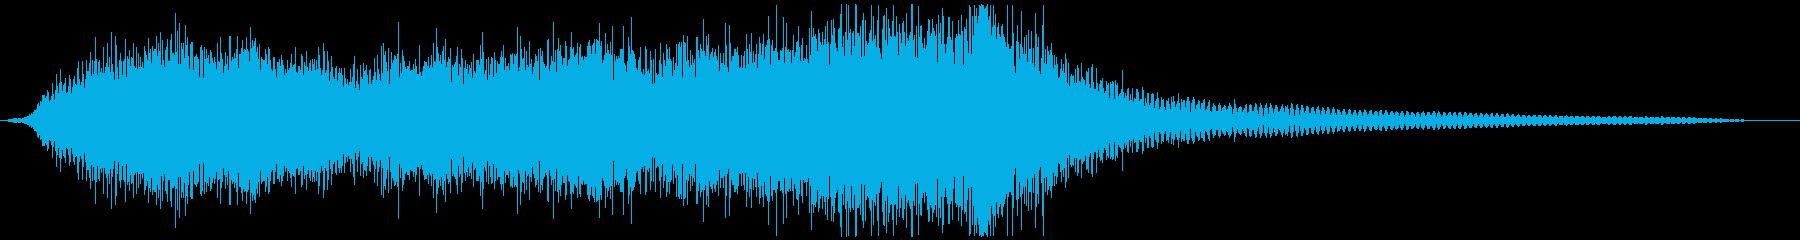 イベントなどに短いオーケストラジングルの再生済みの波形